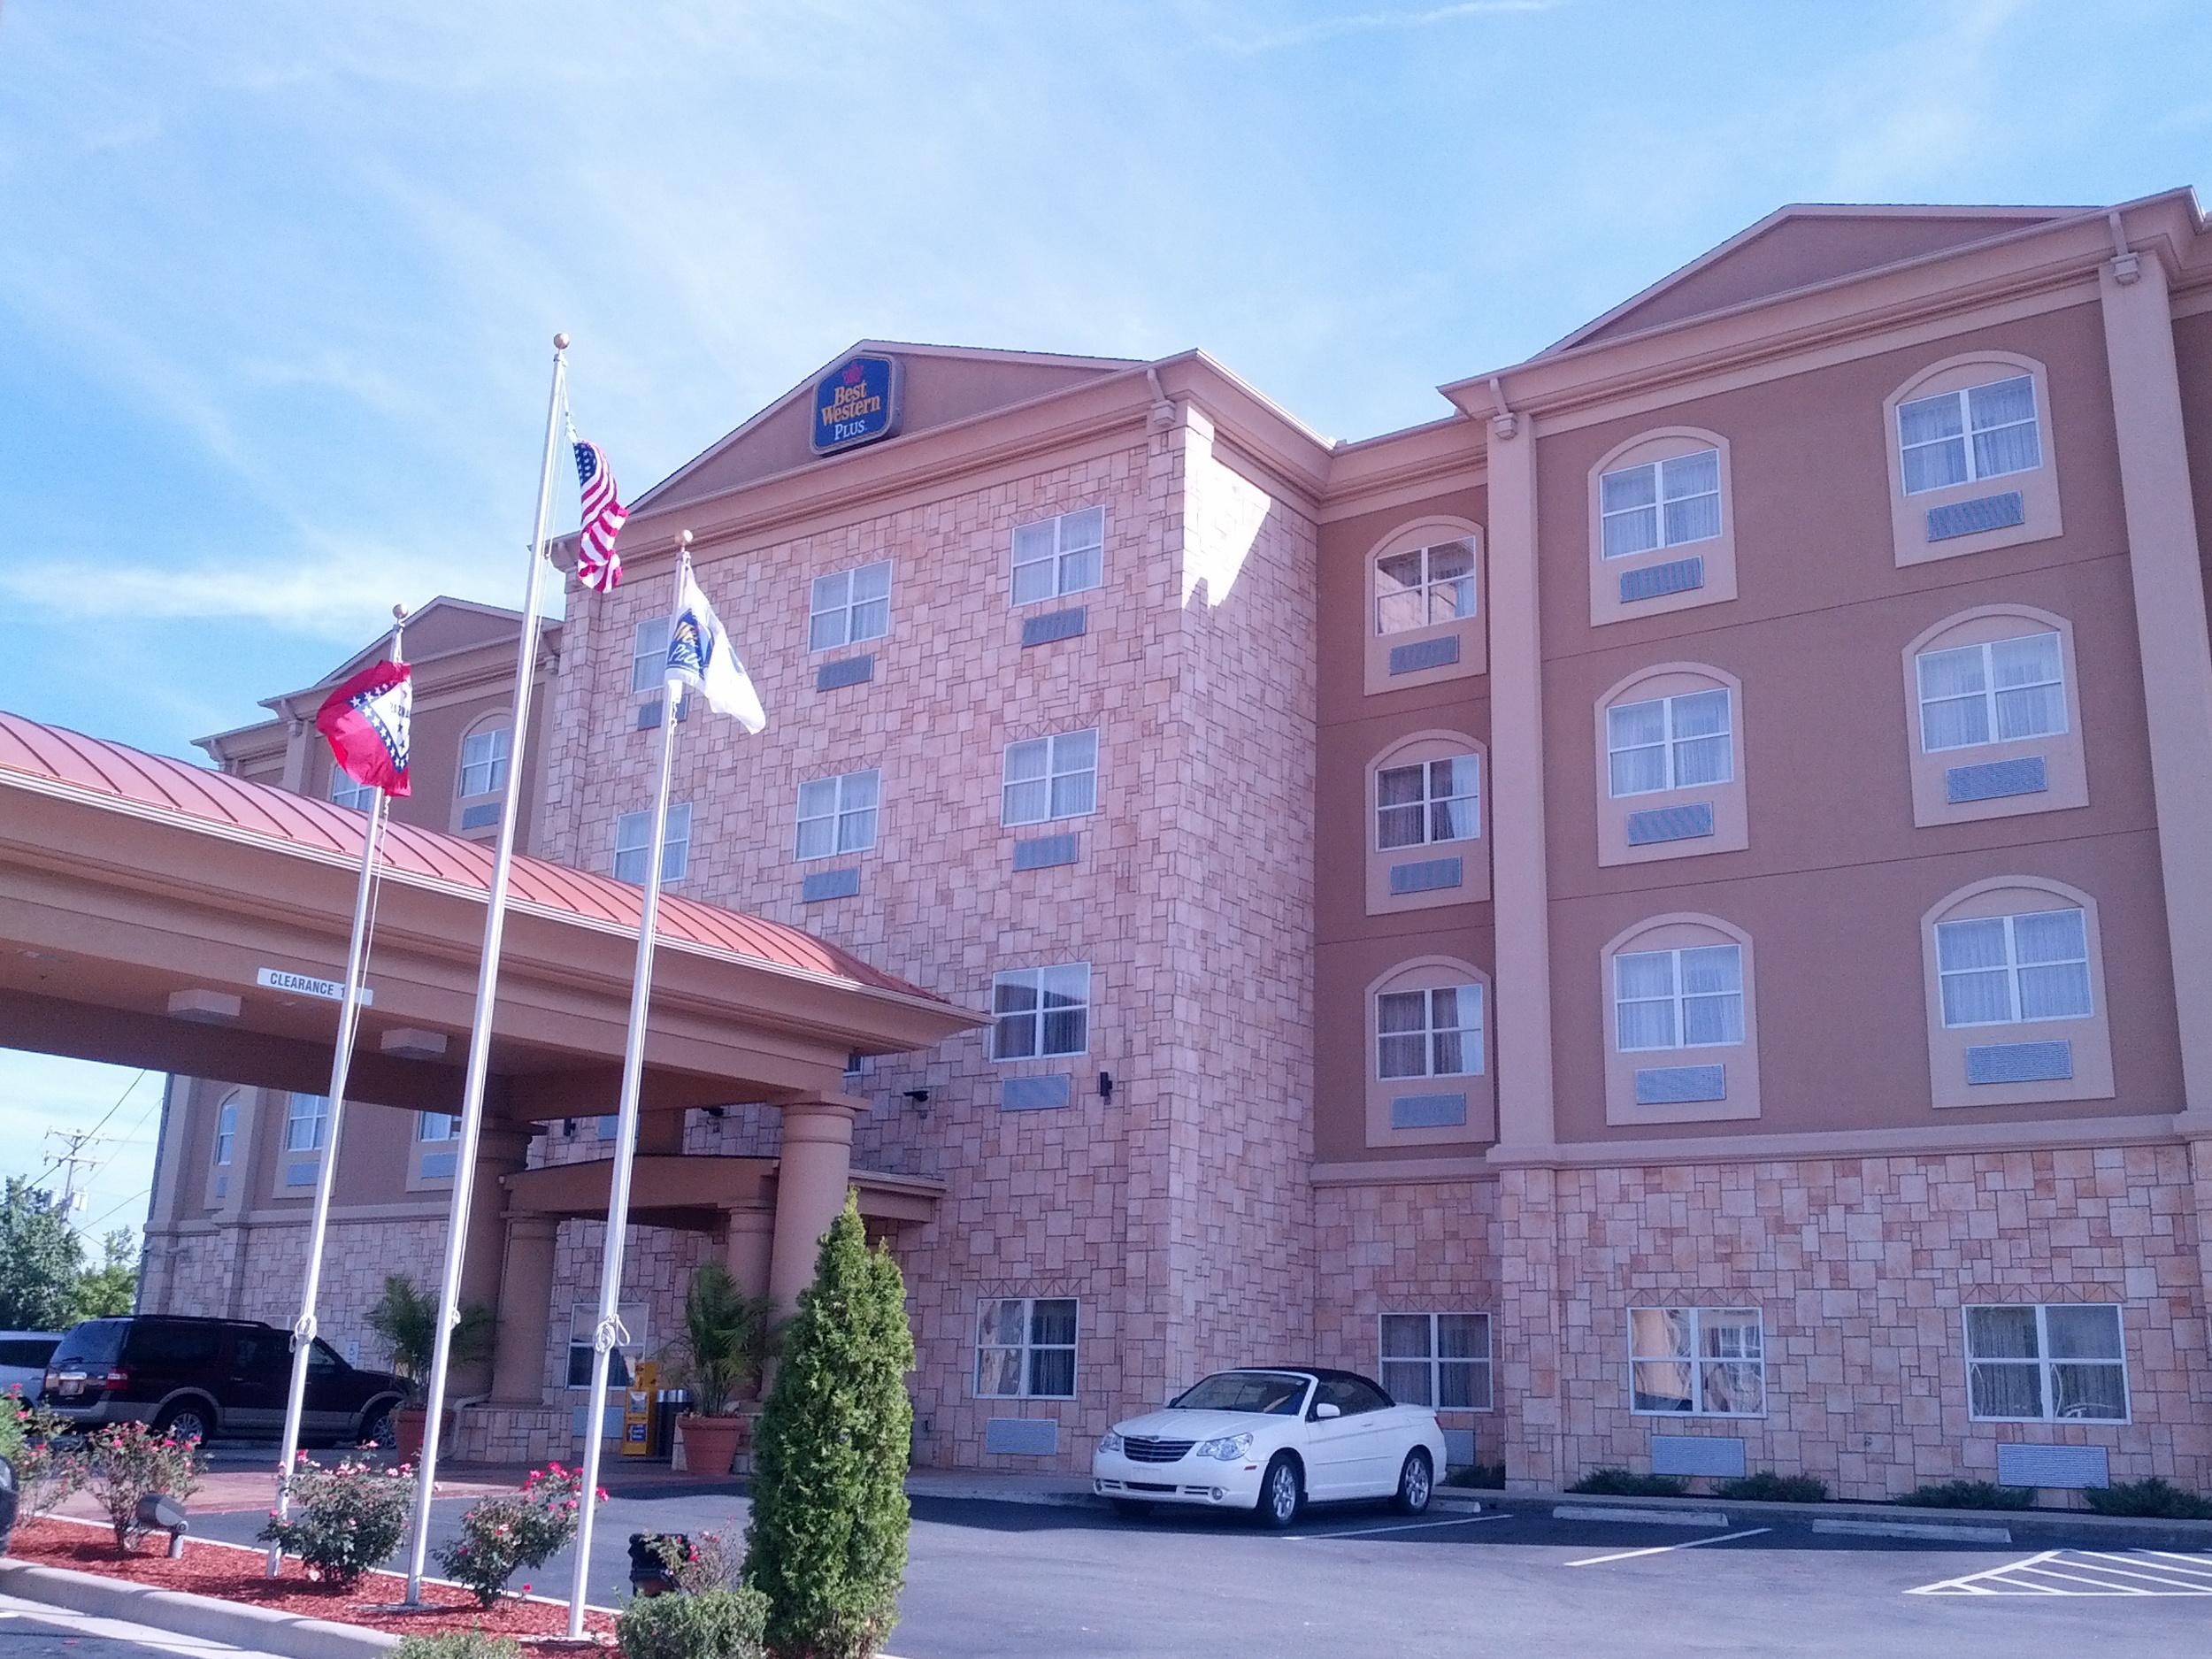 Little Rock Best Western Plus JFK Inn & Suites 09-15-2013 (2)